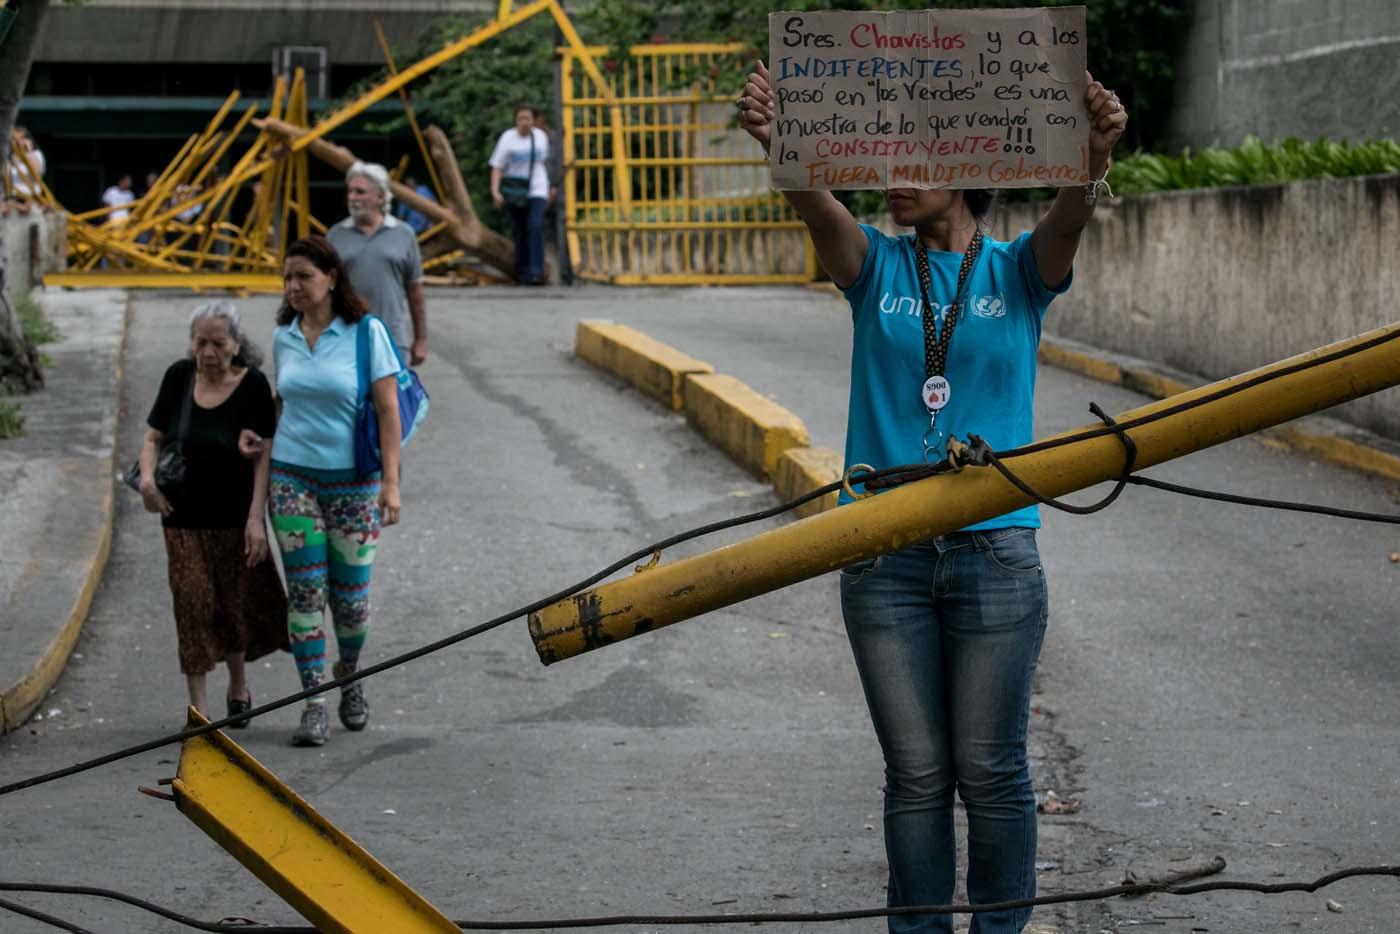 """CAR01. CARACAS (VENEZUELA), 14/06/2017.- Una mujer protesta en la entrada de las residencias Los Verdes ubicadas en el oeste de Caracas (Venezuela) hoy, miércoles 14 de junio de 2017. El oeste de Caracas fue sacudido anoche por la policía militarizada en un operativo que terminó, según el Gobierno venezolano, con la detención de 23 """"terroristas"""" mientras que opositores aseguran hoy que se trató de una acción """"terrible"""" en la que funcionarios causaron destrozos materiales y dispararon a mascotas. EFE/Miguel Gutiérrez"""